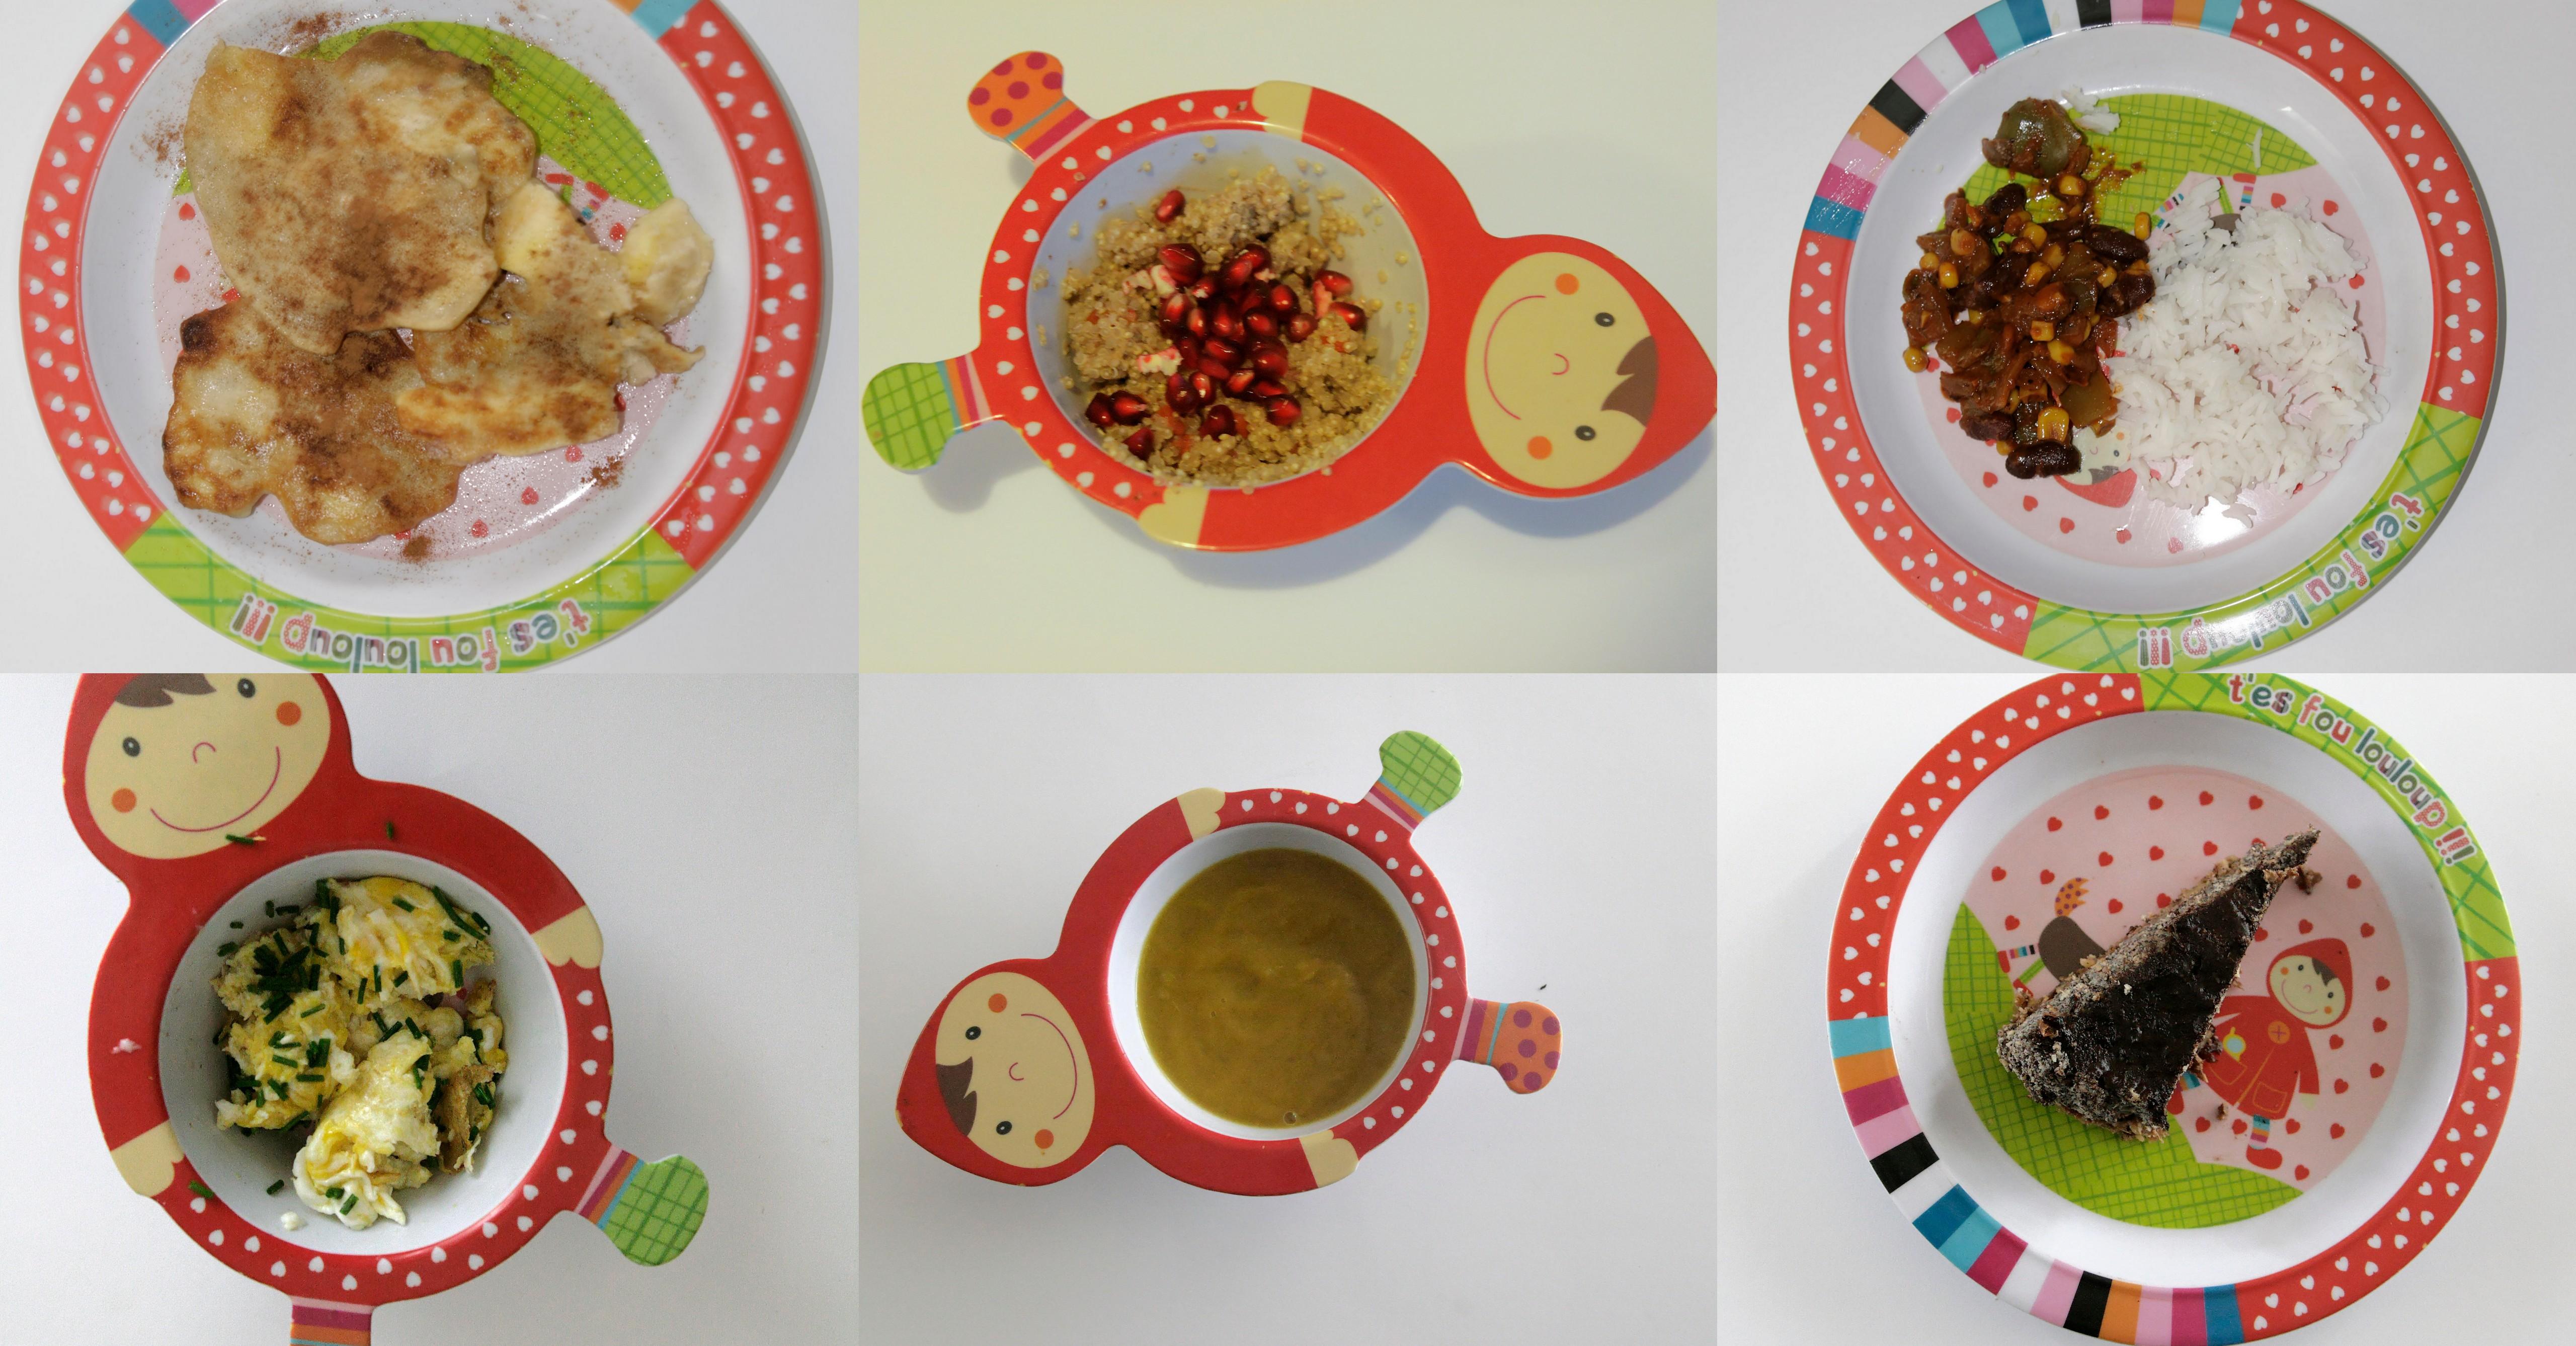 Jadłospis dla 1,5 rocznego dziecka (wegetariański, jesienny)